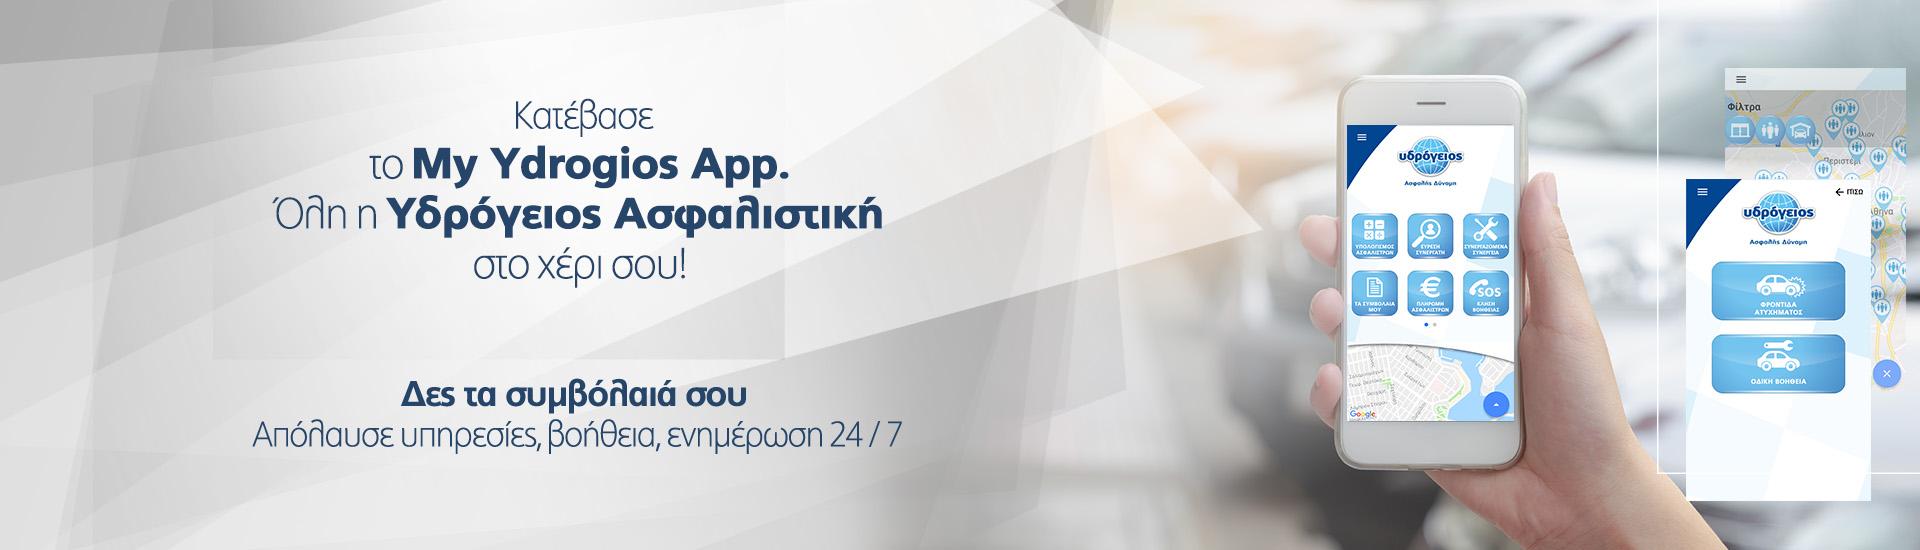 My_Ydrogios_APP_slide